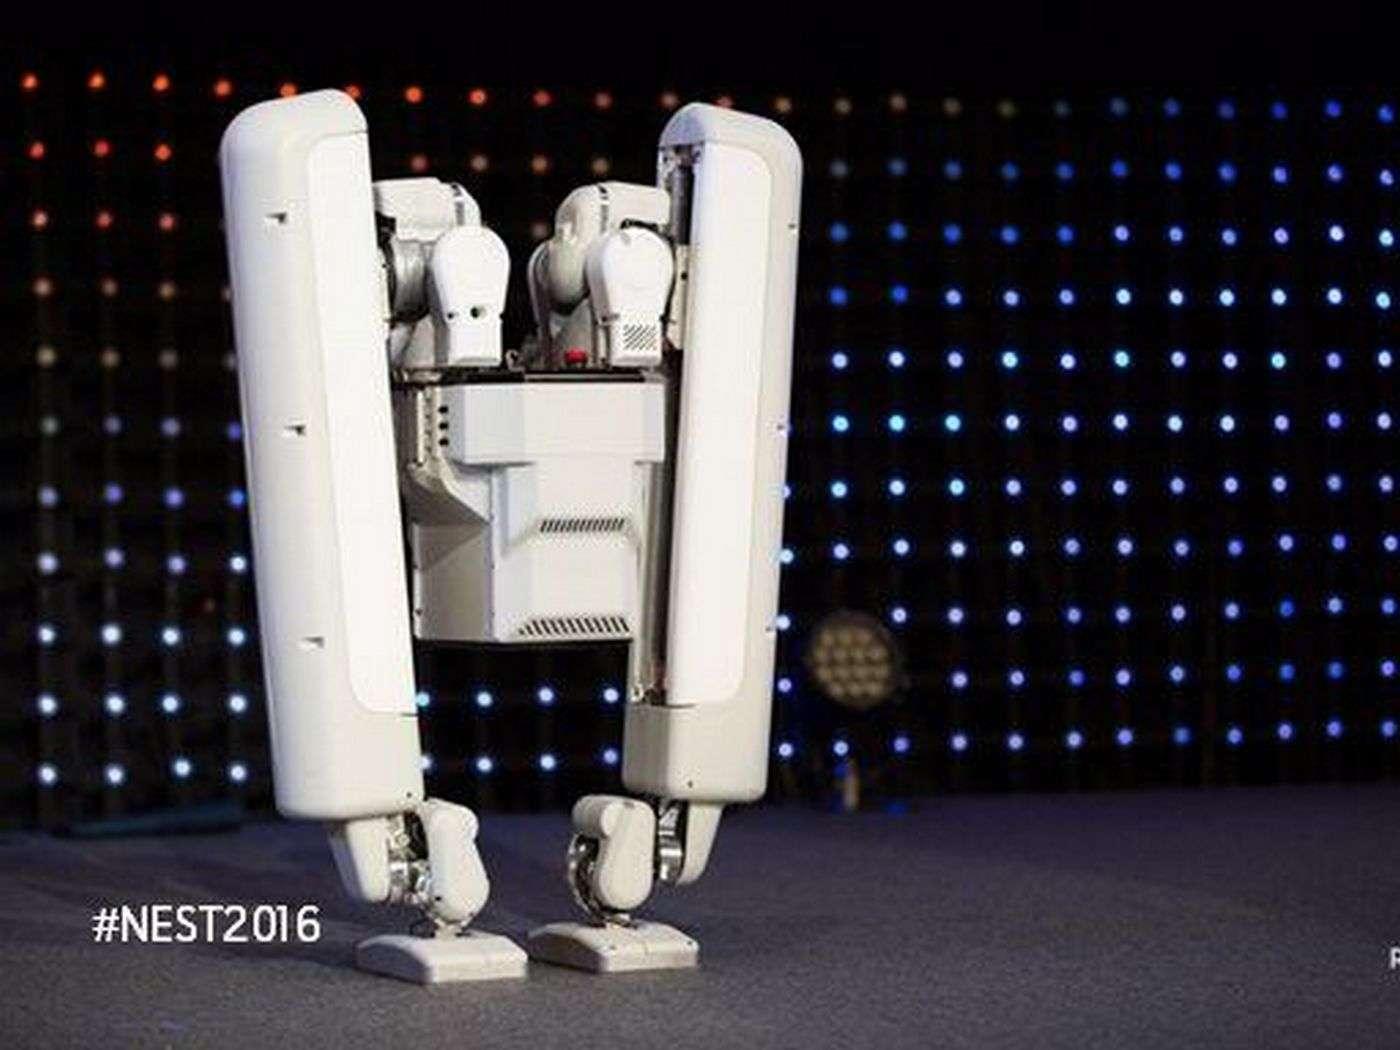 Le robot développé par la société japonaise Schaft qui appartient à Alphabet (Google) fait preuve d'un sens de l'équilibre impressionant. © I-Programmer